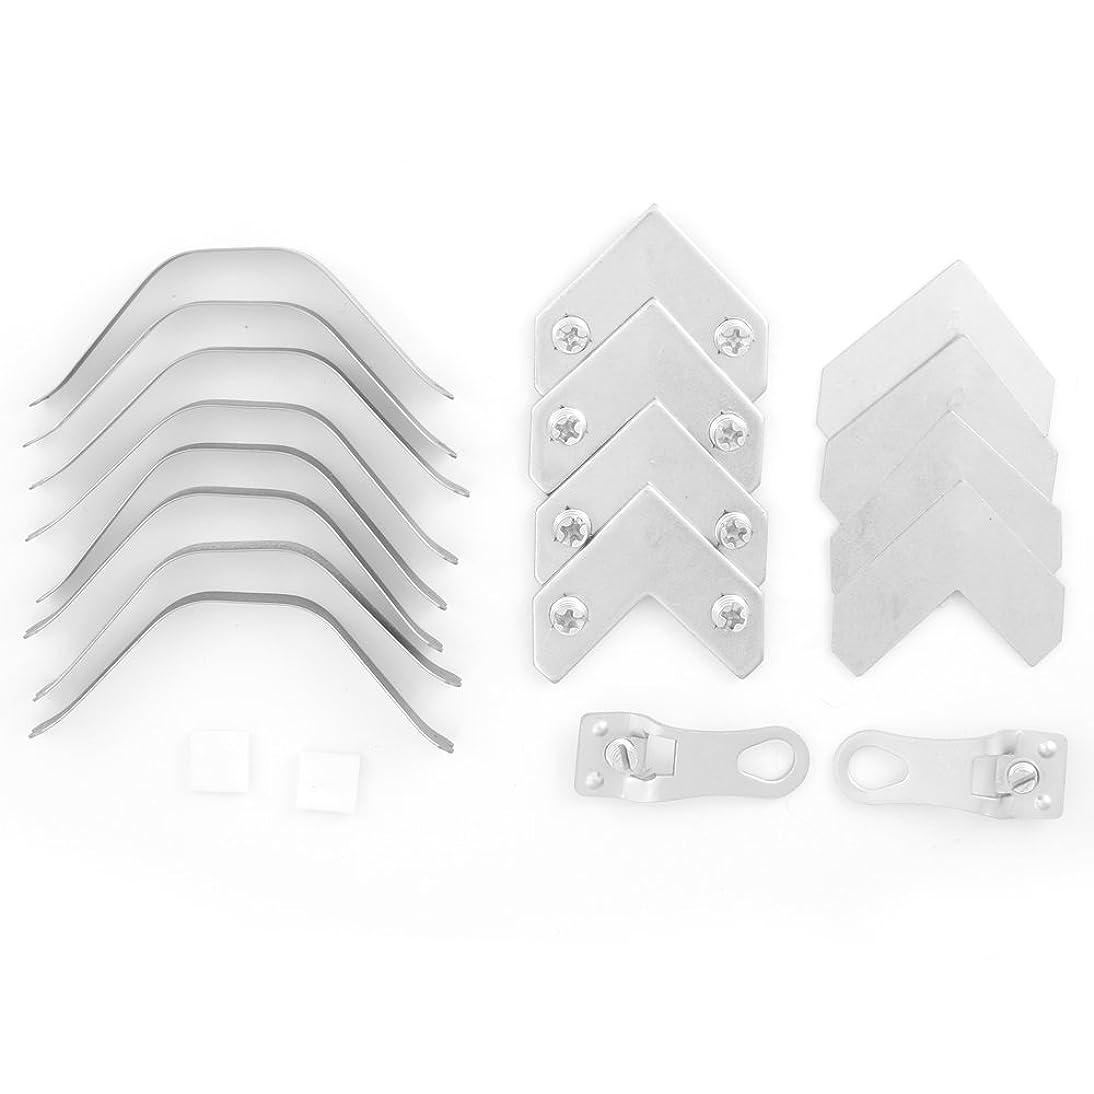 Metal Picture Frame Hardware - Bulk Pack for Assembling 5 Frames